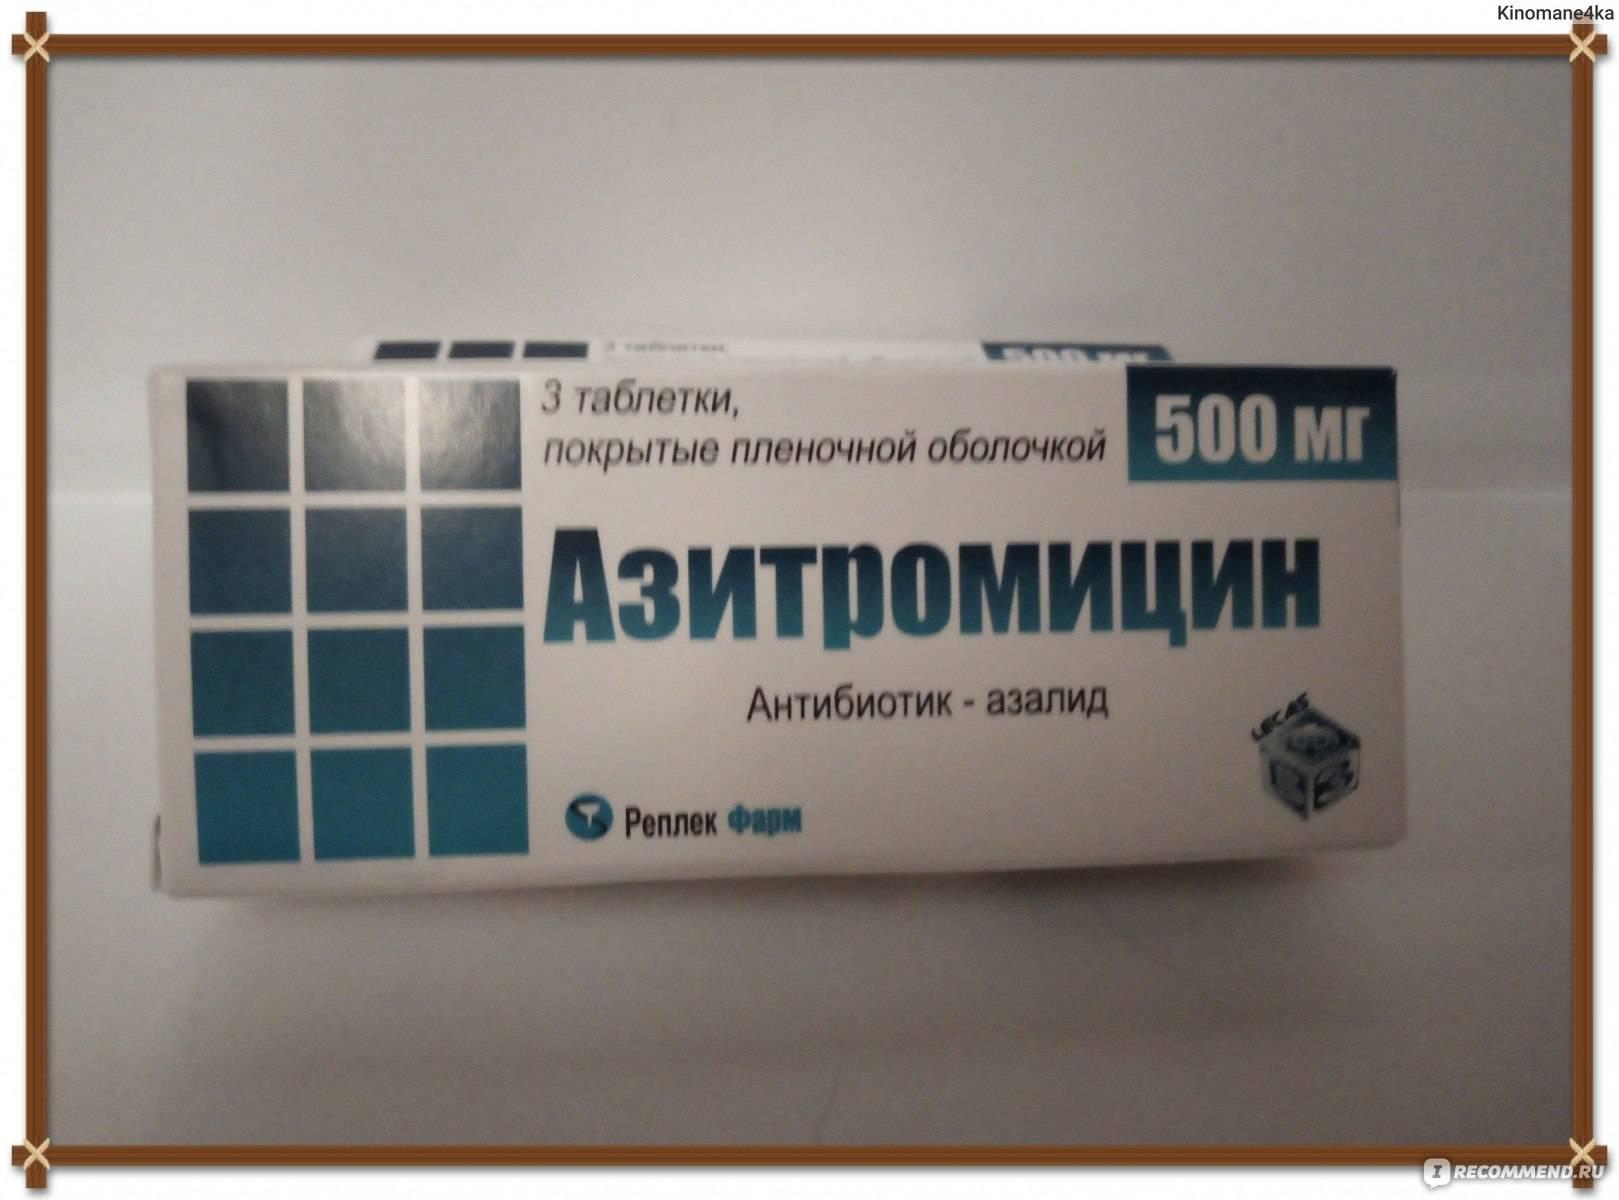 антибиотик от синусита